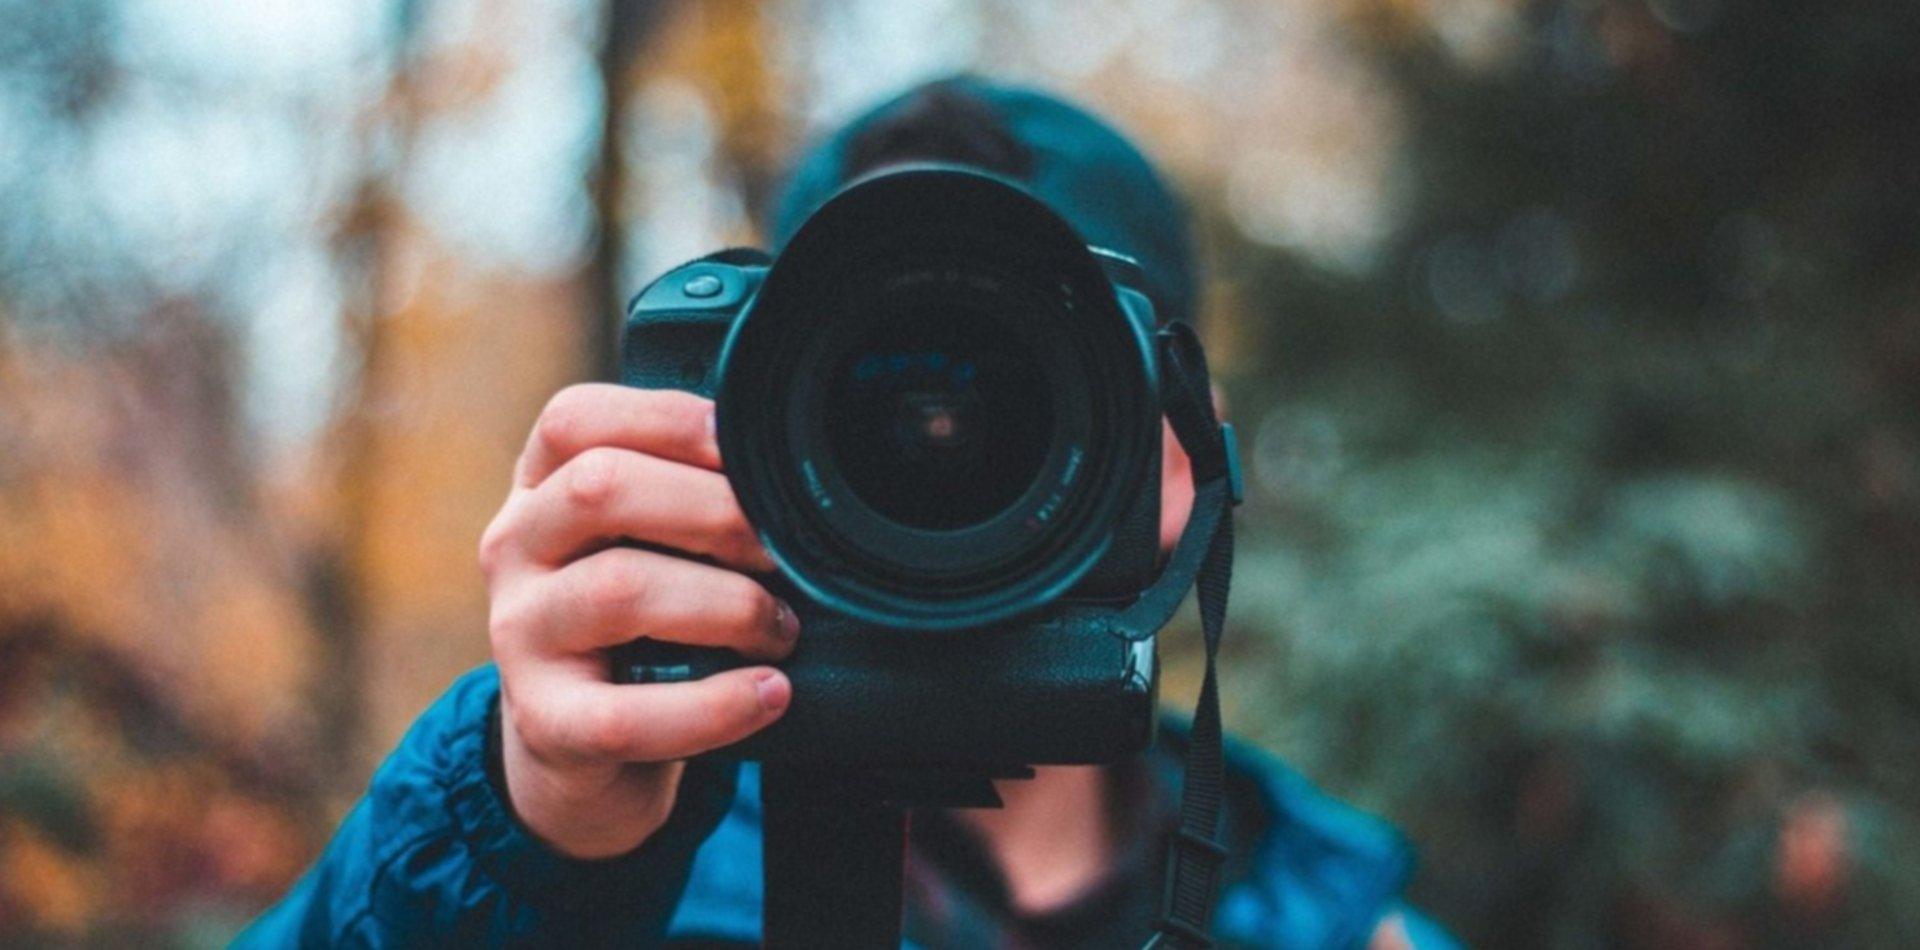 La Municipalidad brindará capacitaciones gratuitas sobre fotografía y redes sociales